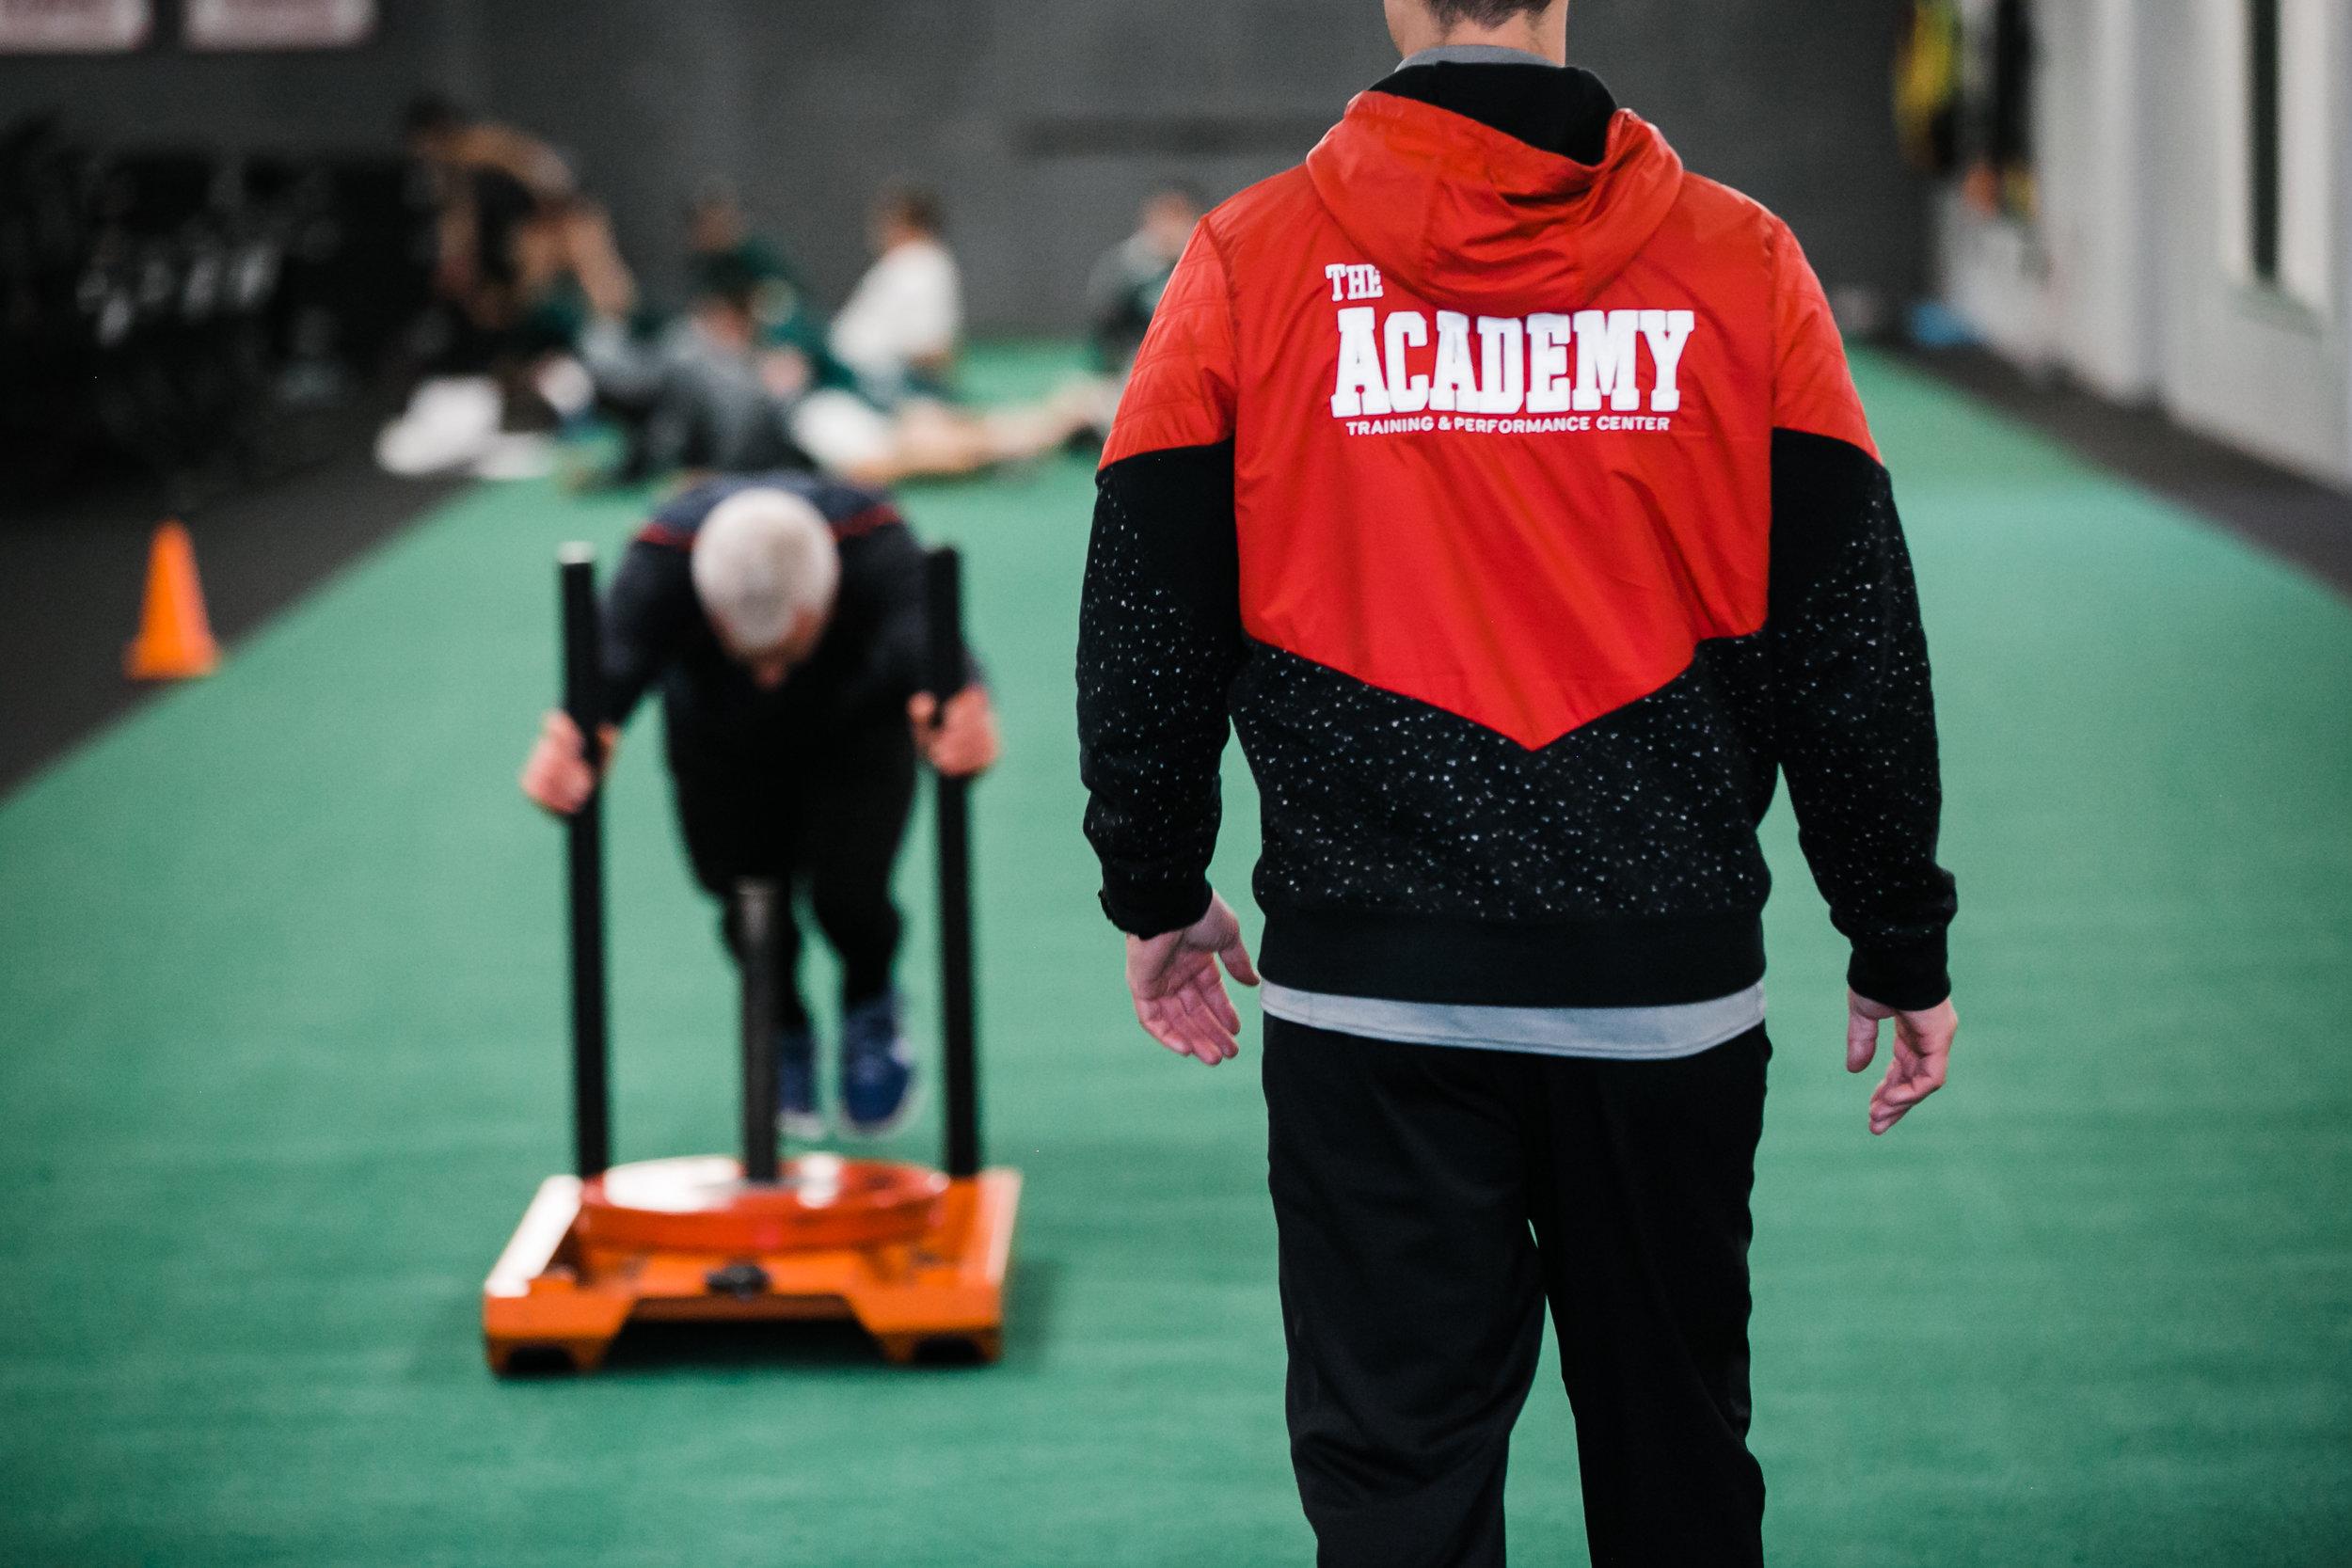 Academy-15.jpg